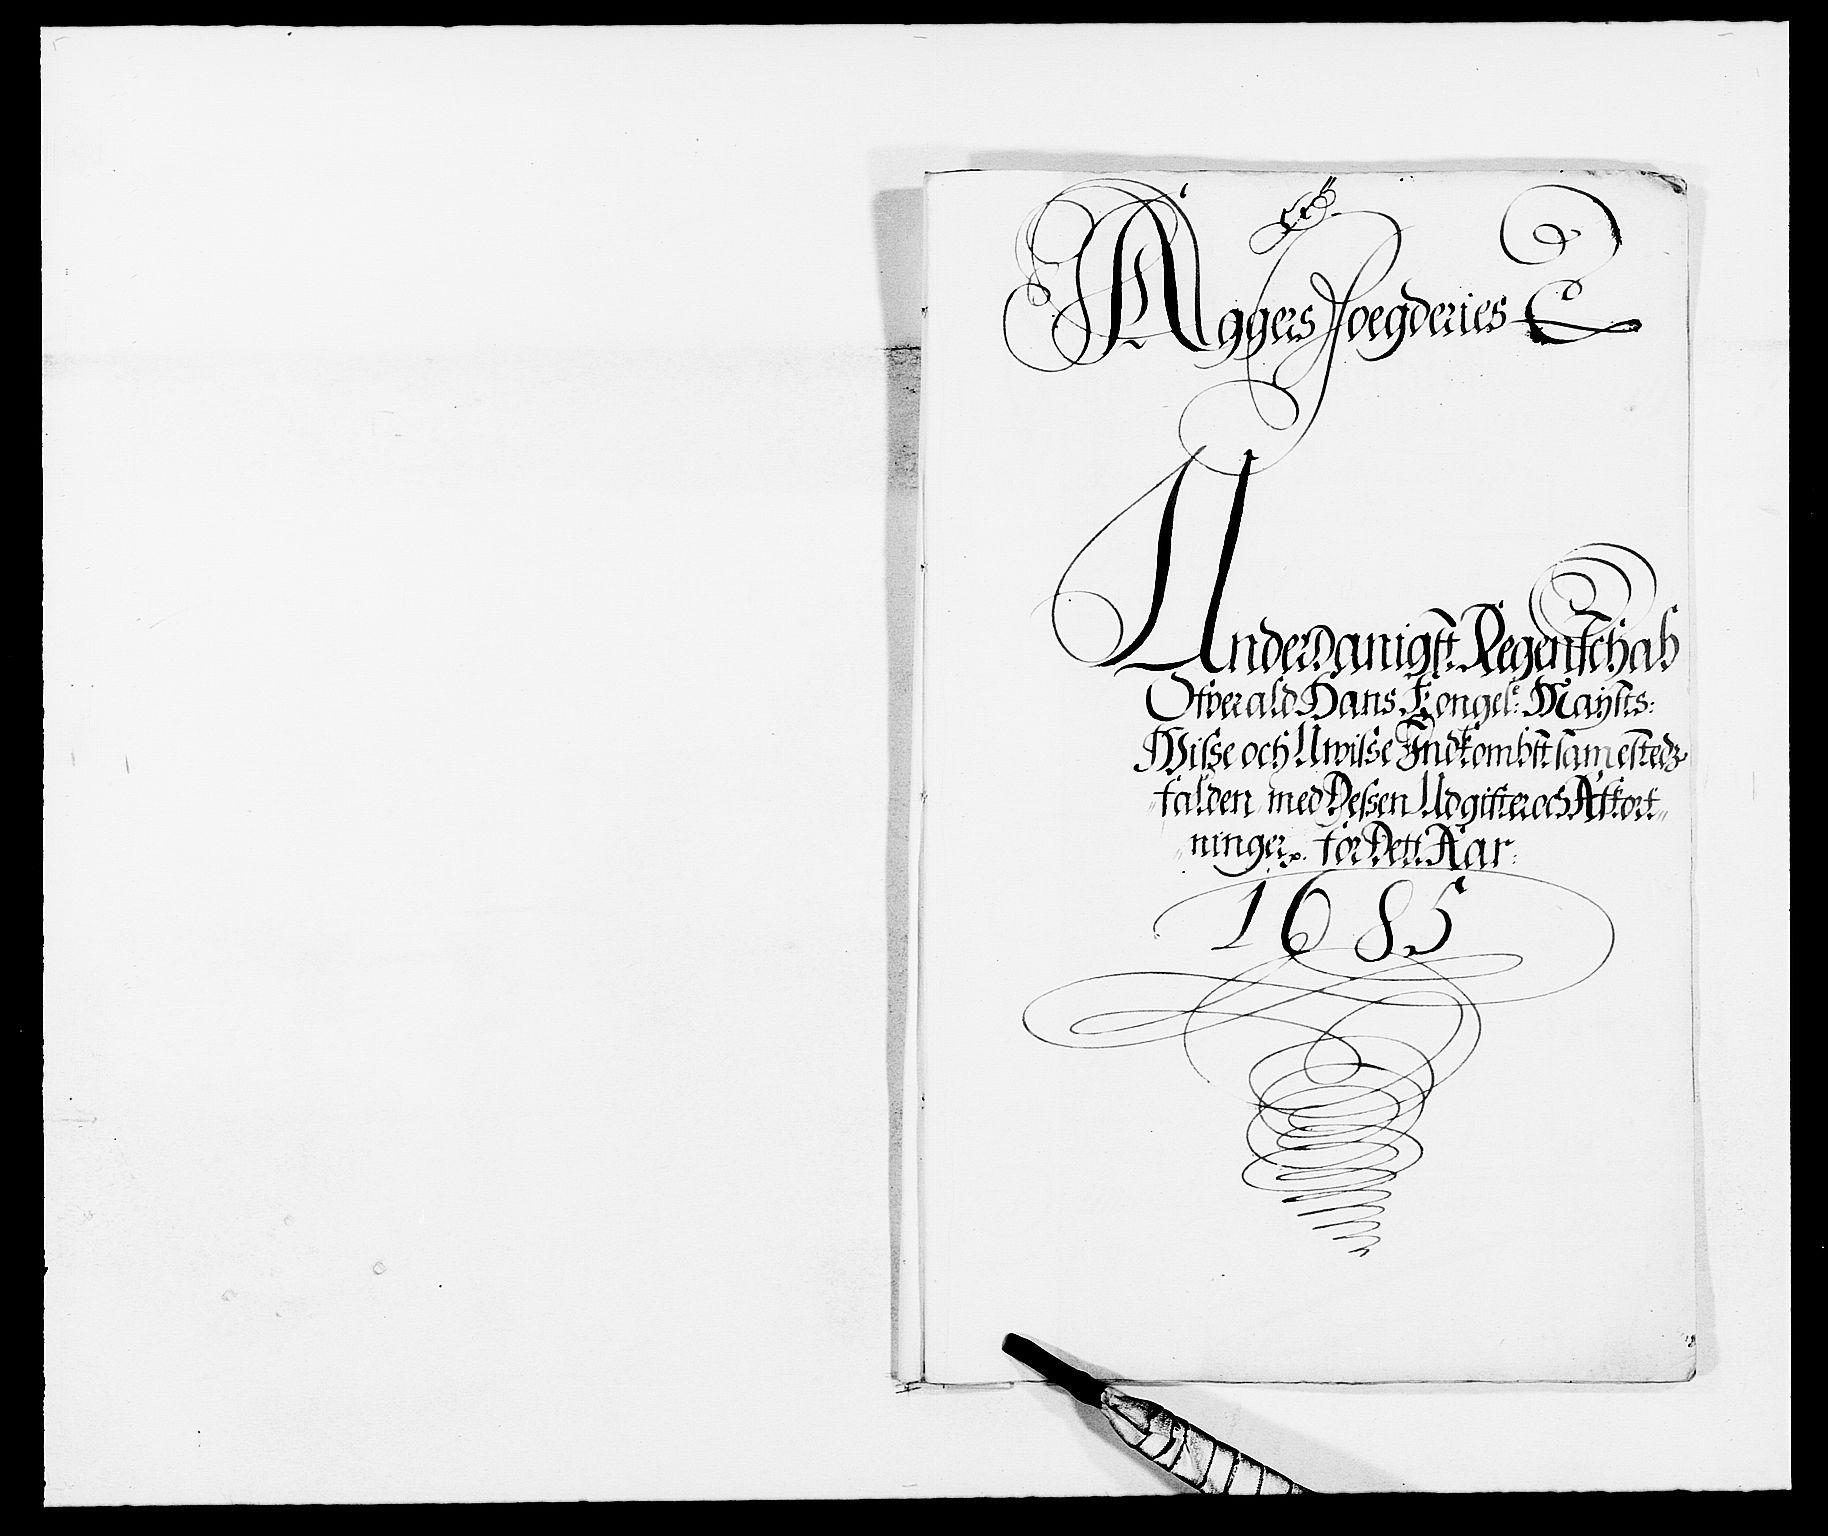 RA, Rentekammeret inntil 1814, Reviderte regnskaper, Fogderegnskap, R08/L0421: Fogderegnskap Aker, 1682-1683, s. 120